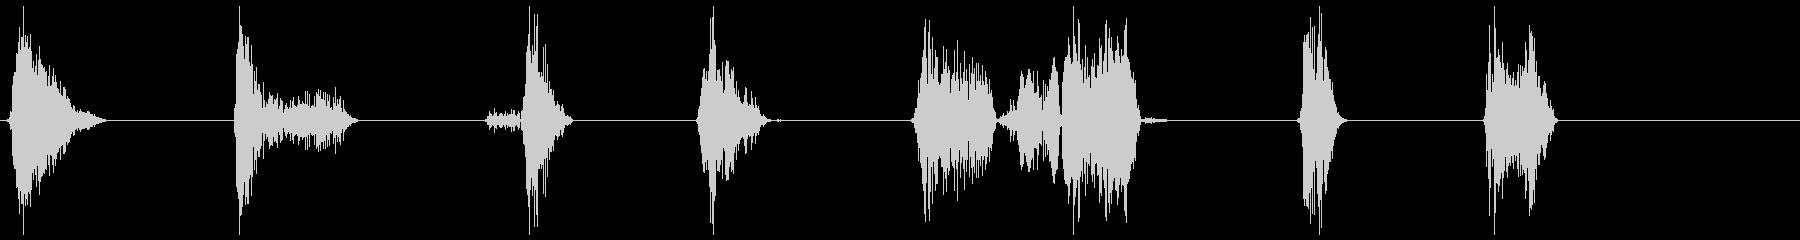 モンスター、タイプ1、うなり8〜14の未再生の波形